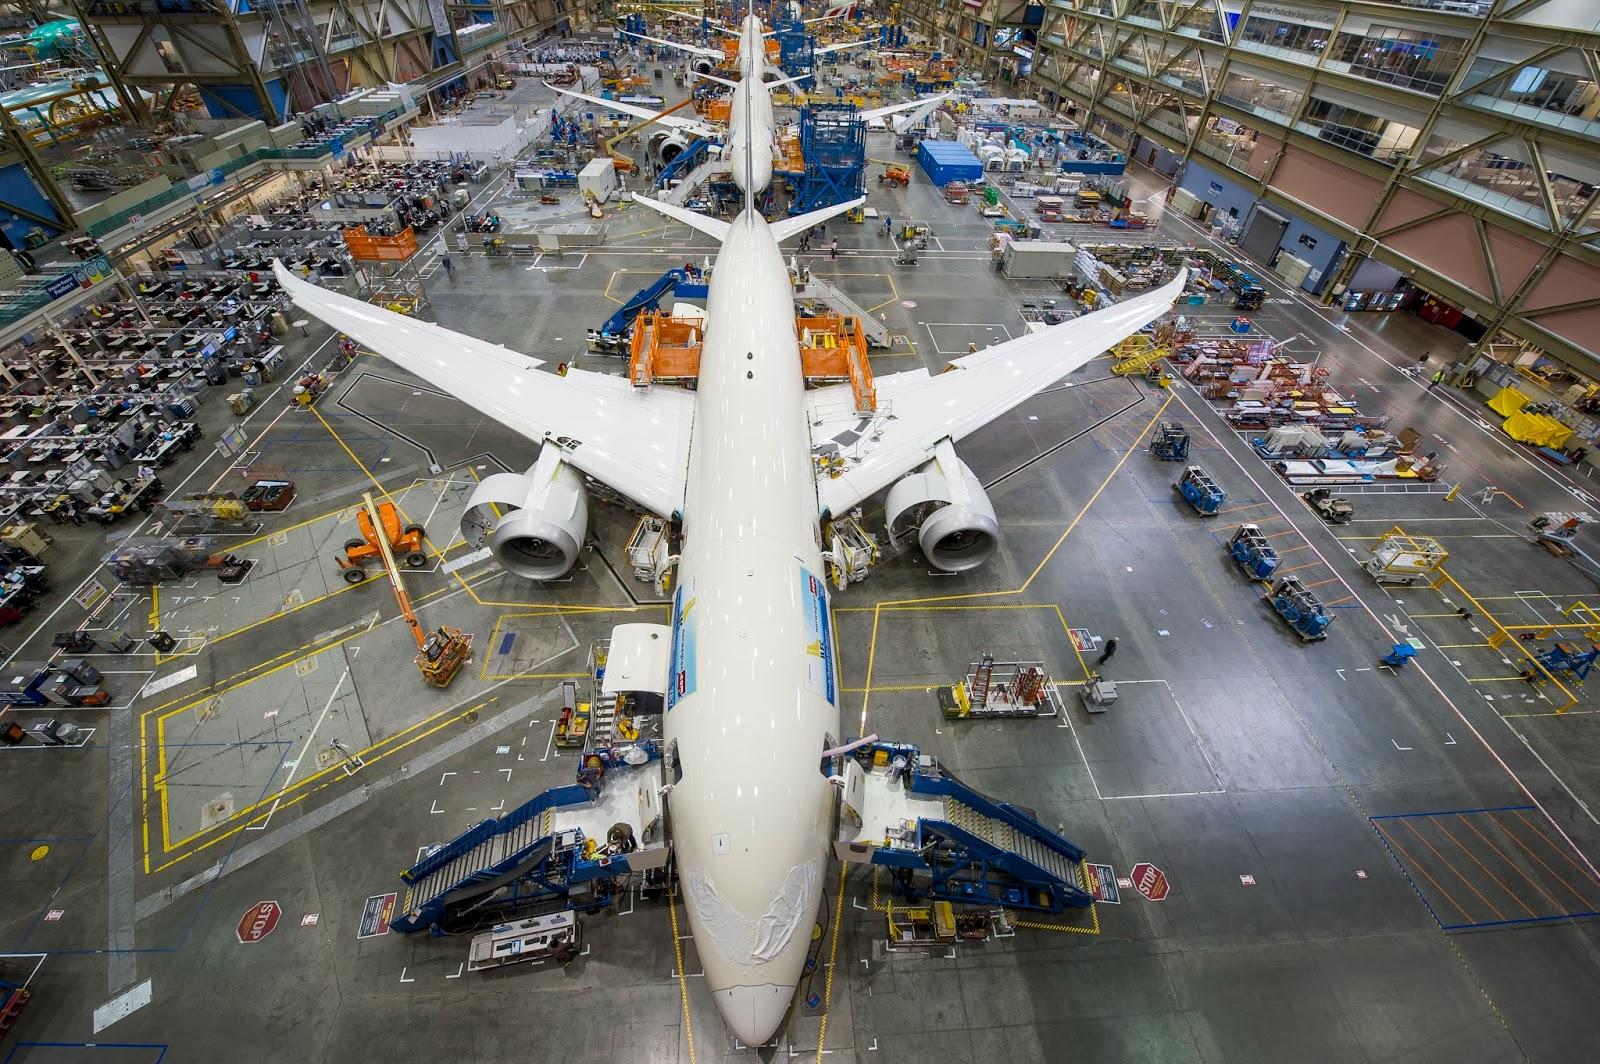 B-787 Dreamliner Boeing et Alenia, renégocient leur partenariat